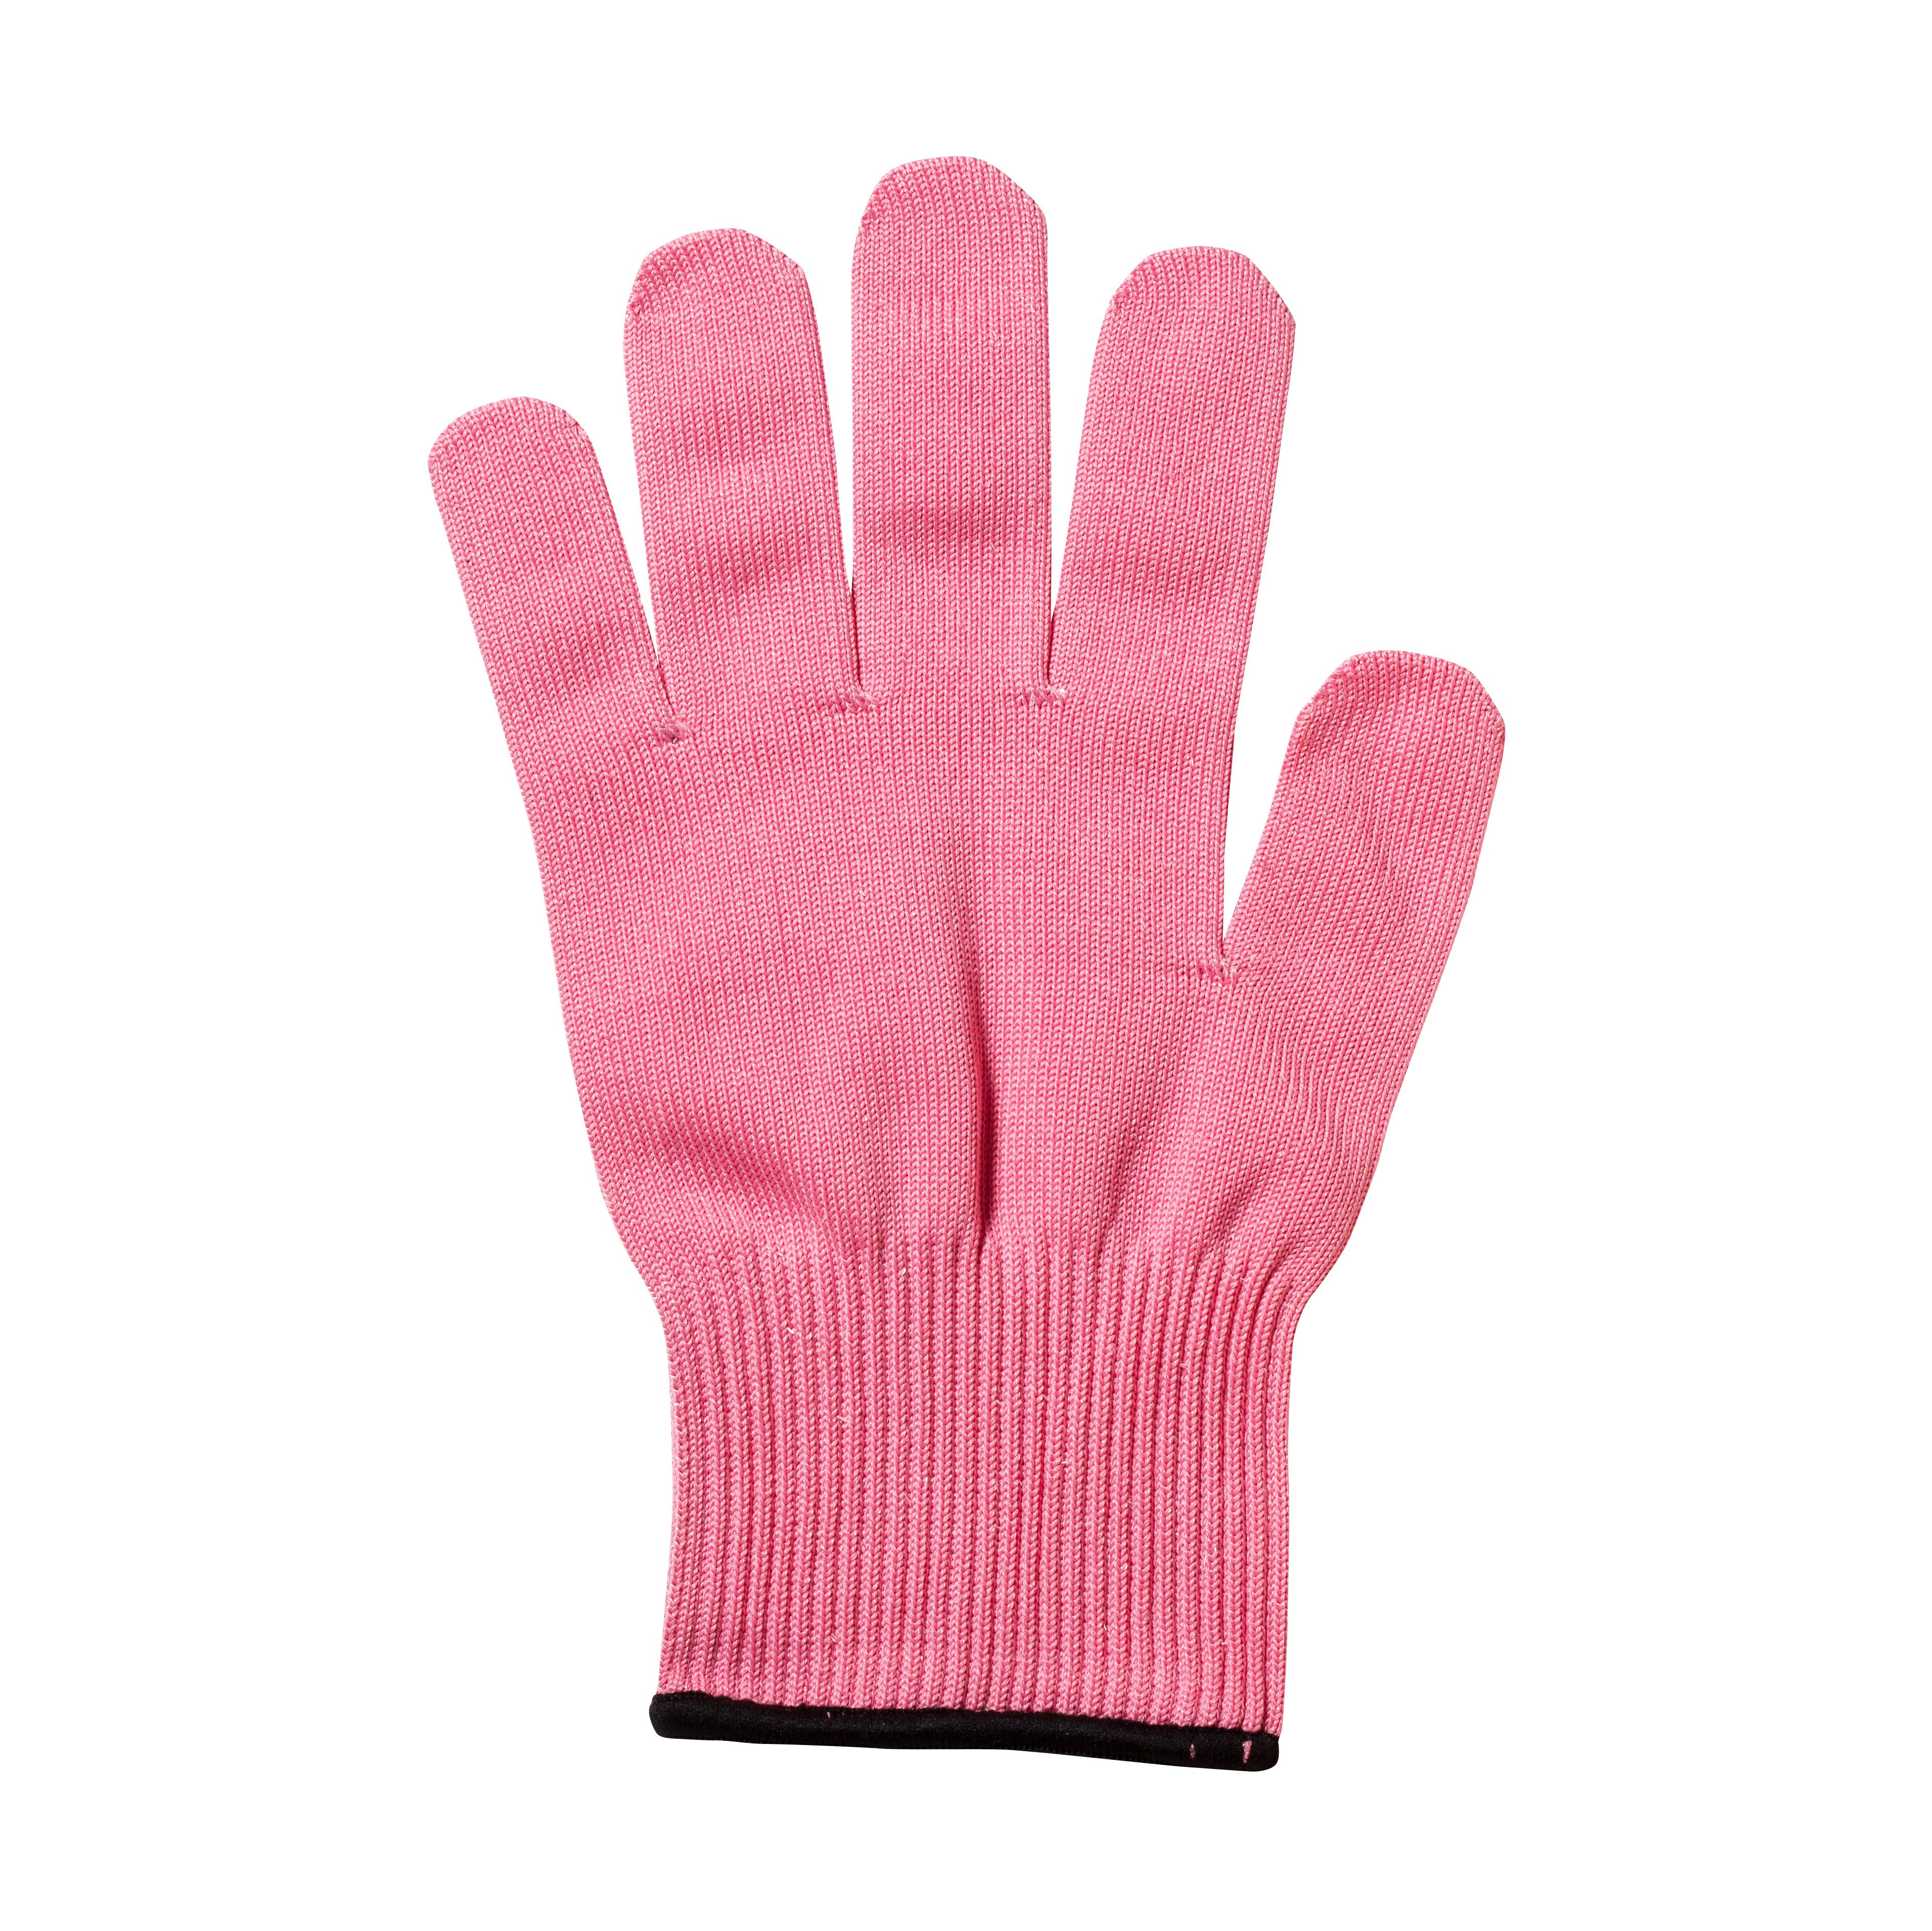 Mercer Culinary M33415PKS glove, cut resistant